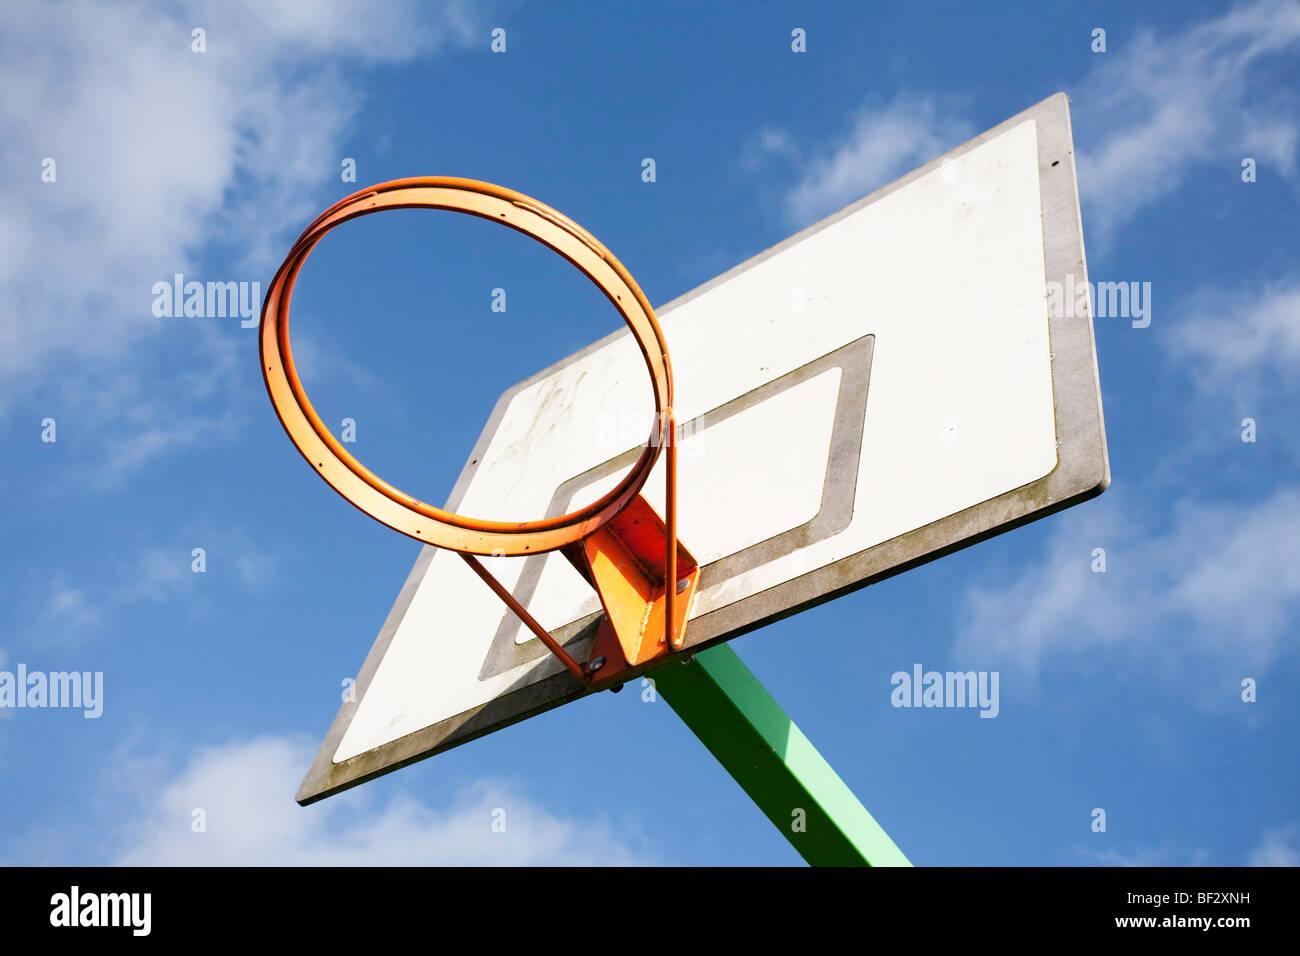 Baloncesto contra un cielo azul y las nubes blancas Imagen De Stock